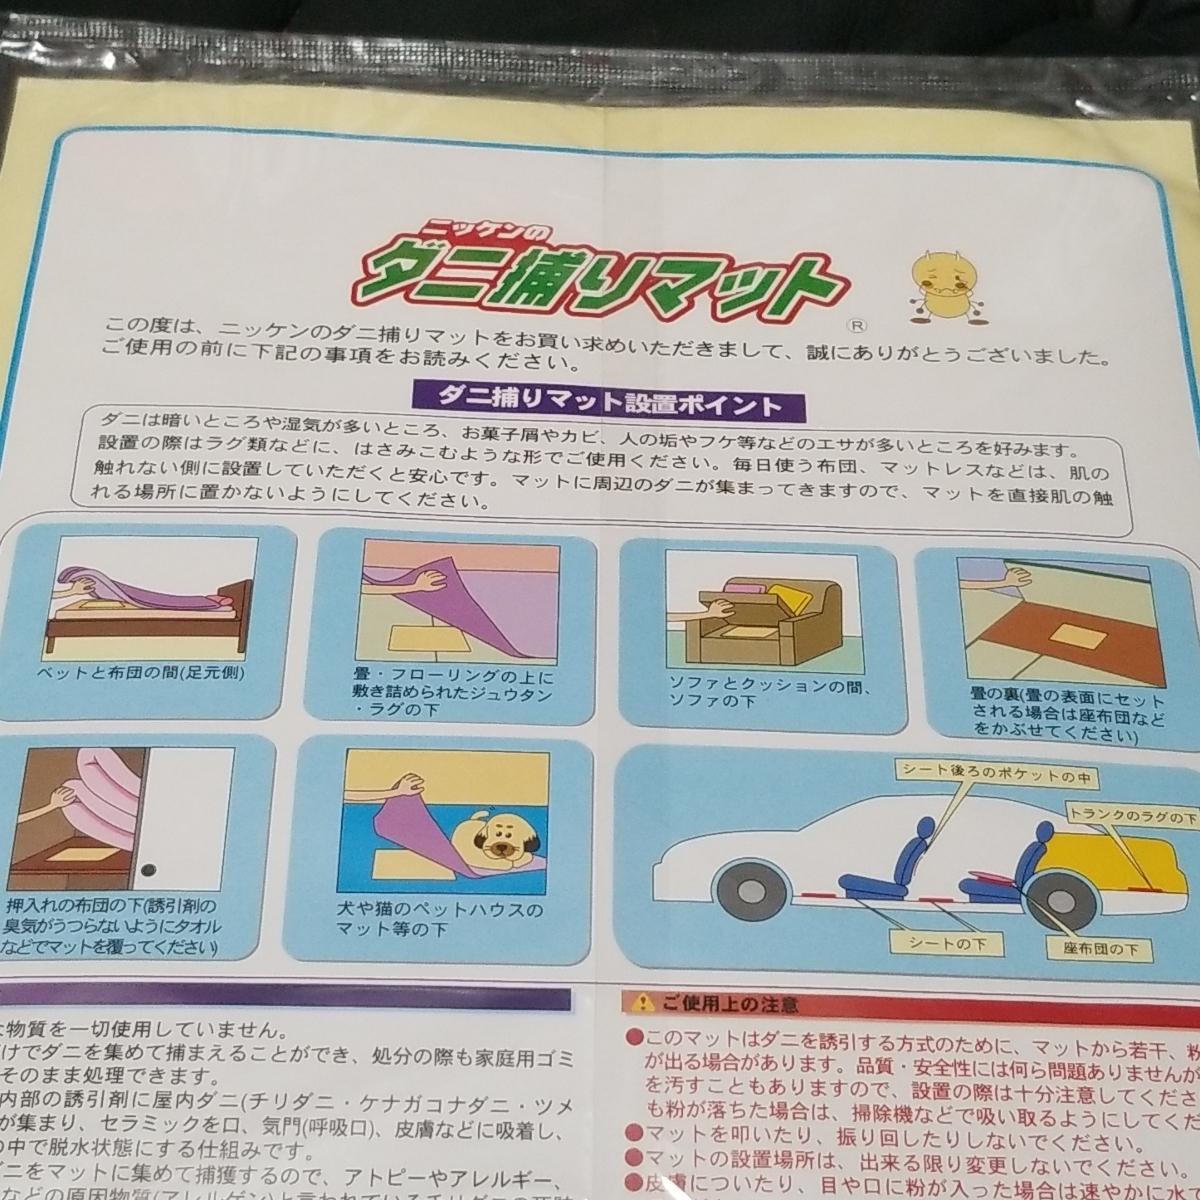 【新品】日革研究所 ニッケン ダニ捕りマット A4サイズ 3枚セット 送料無料!_画像5